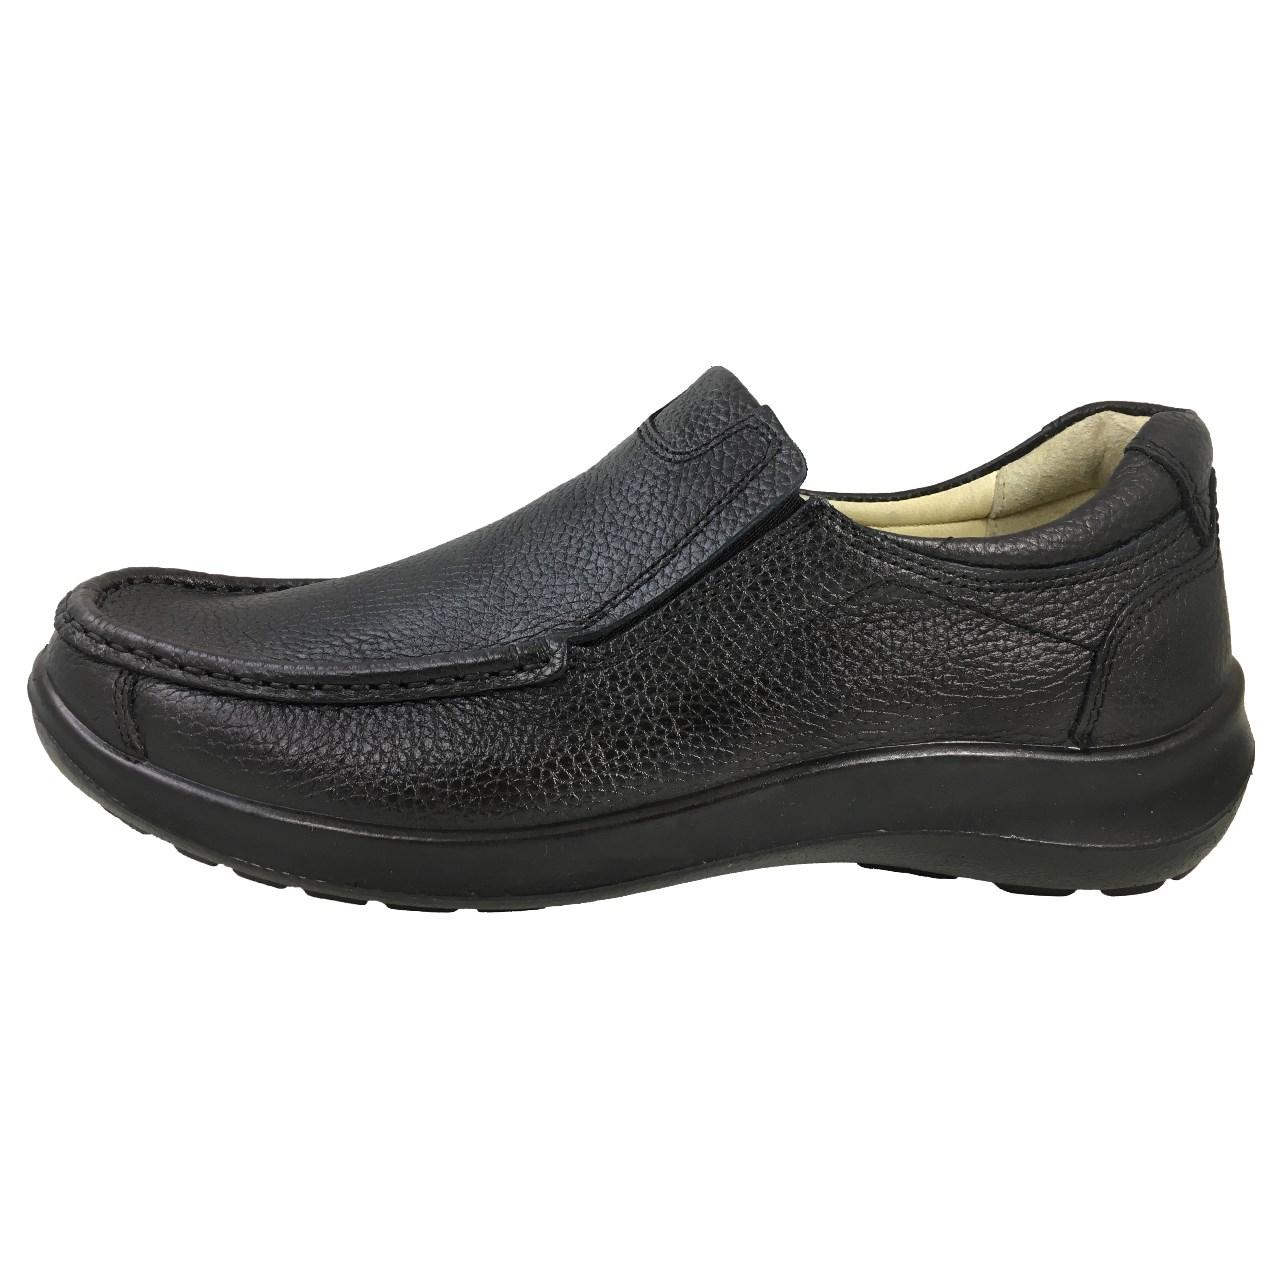 کفش طبی مردانه البرز مدل کیوان کد 2383